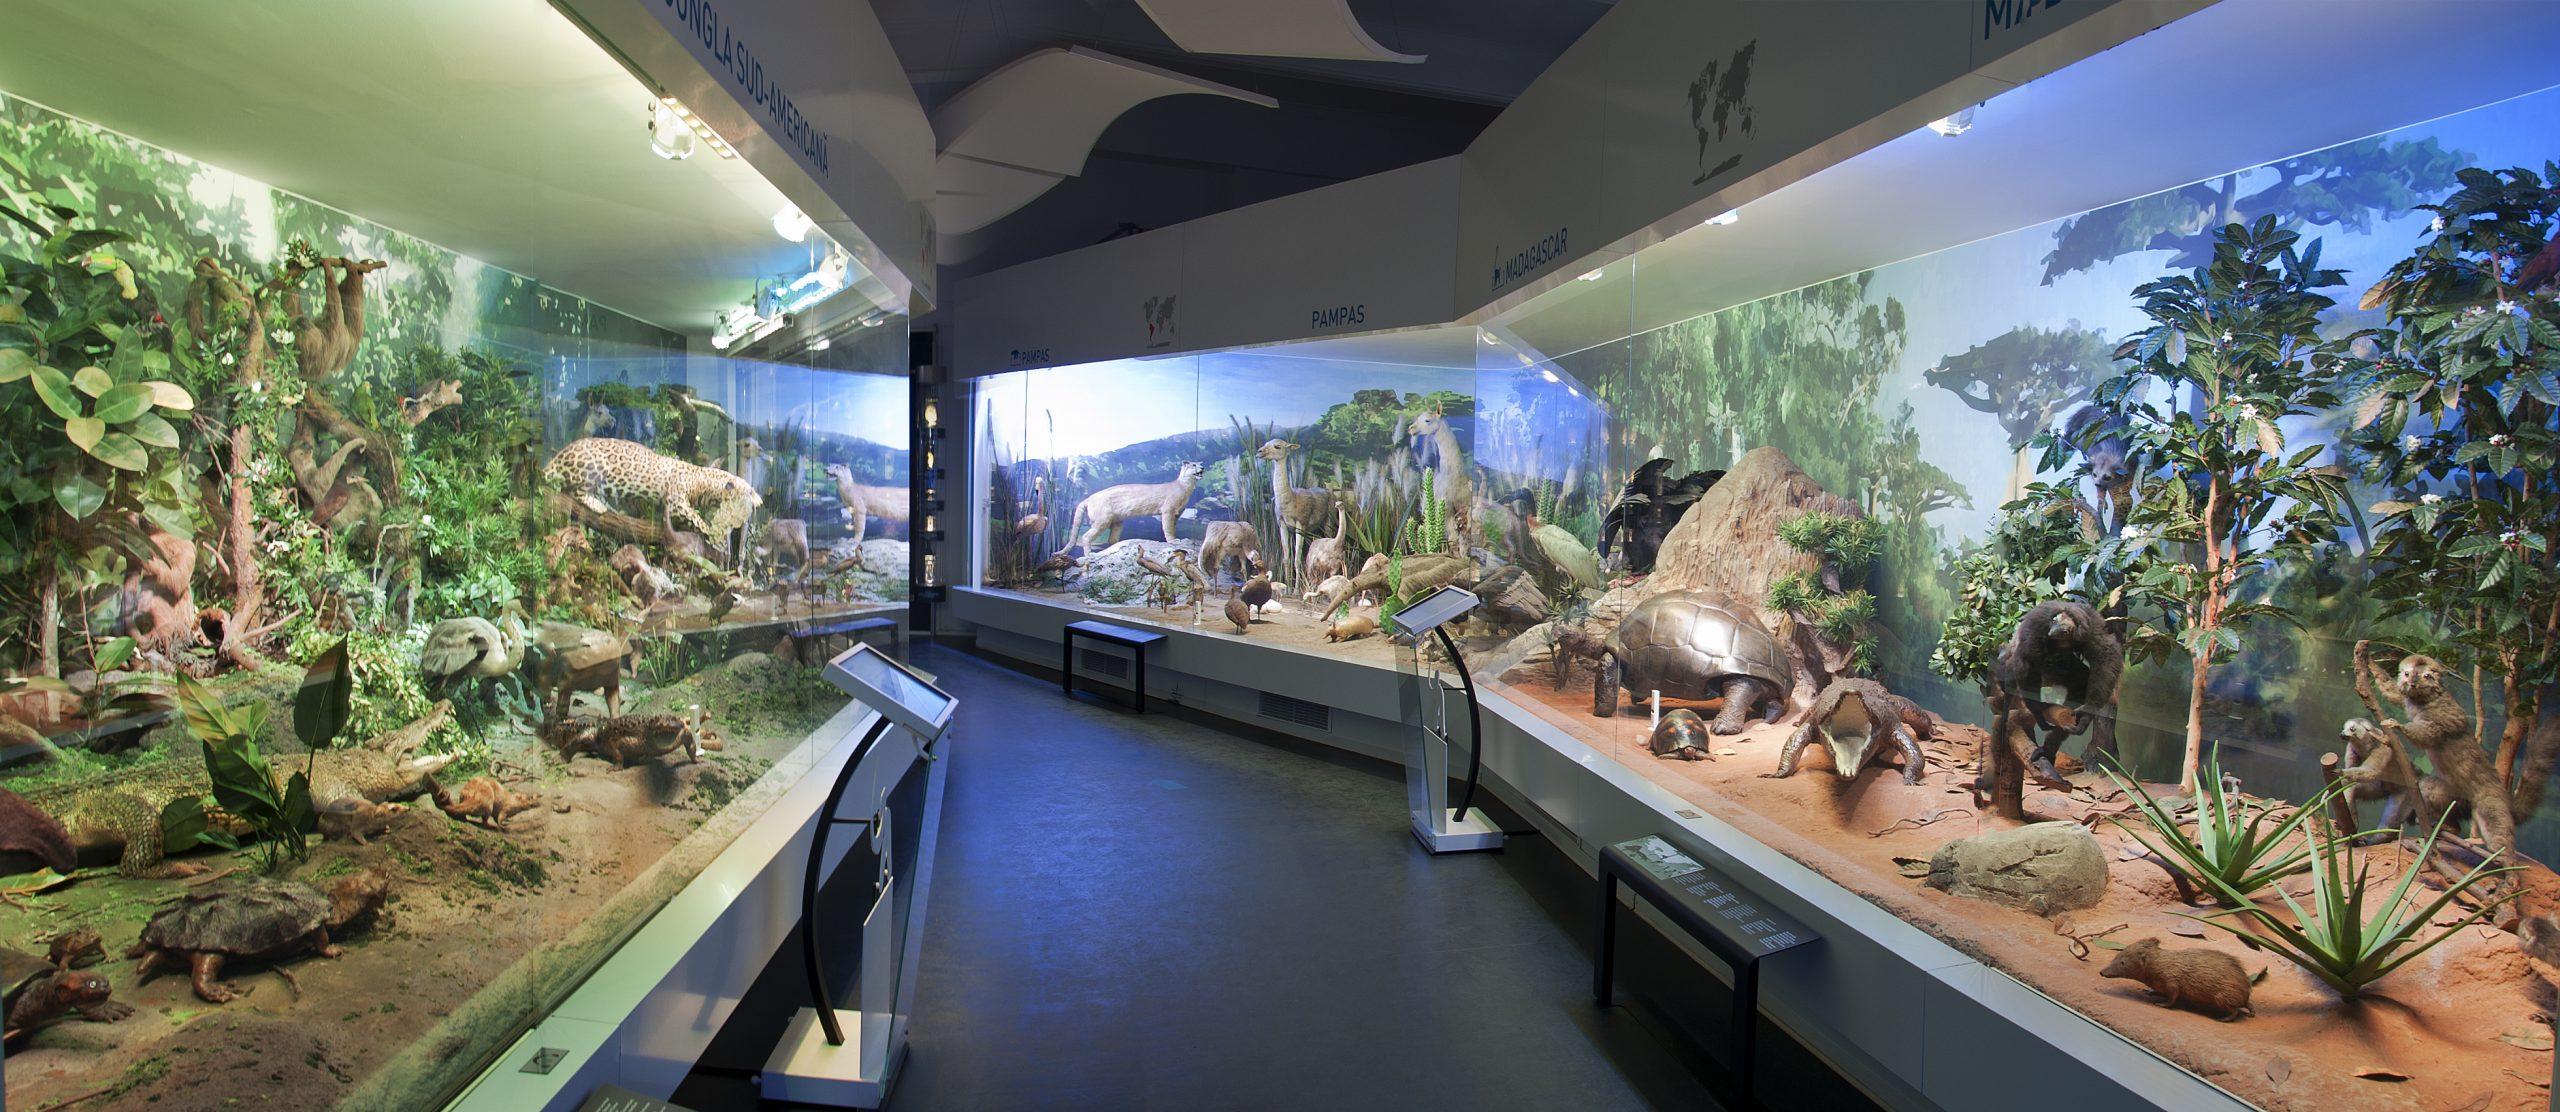 Muzeul Grigore Antipa - Bucuresti